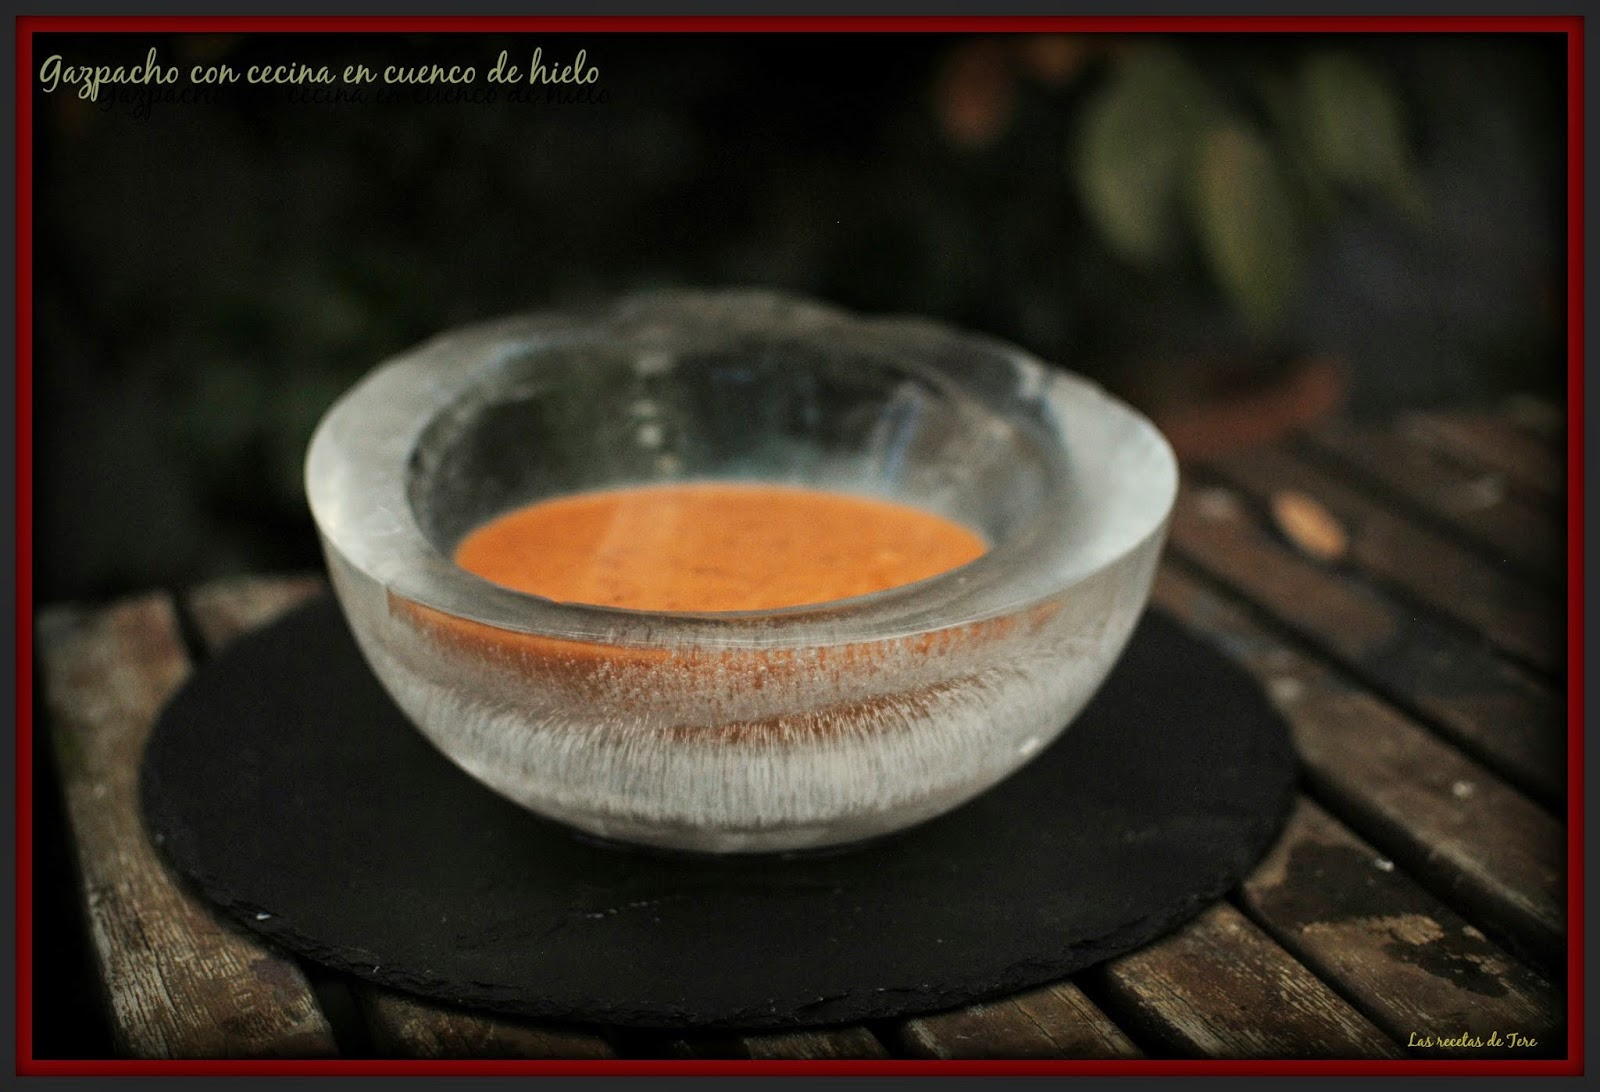 gazpacho con cecina en cuenco de hielo 01